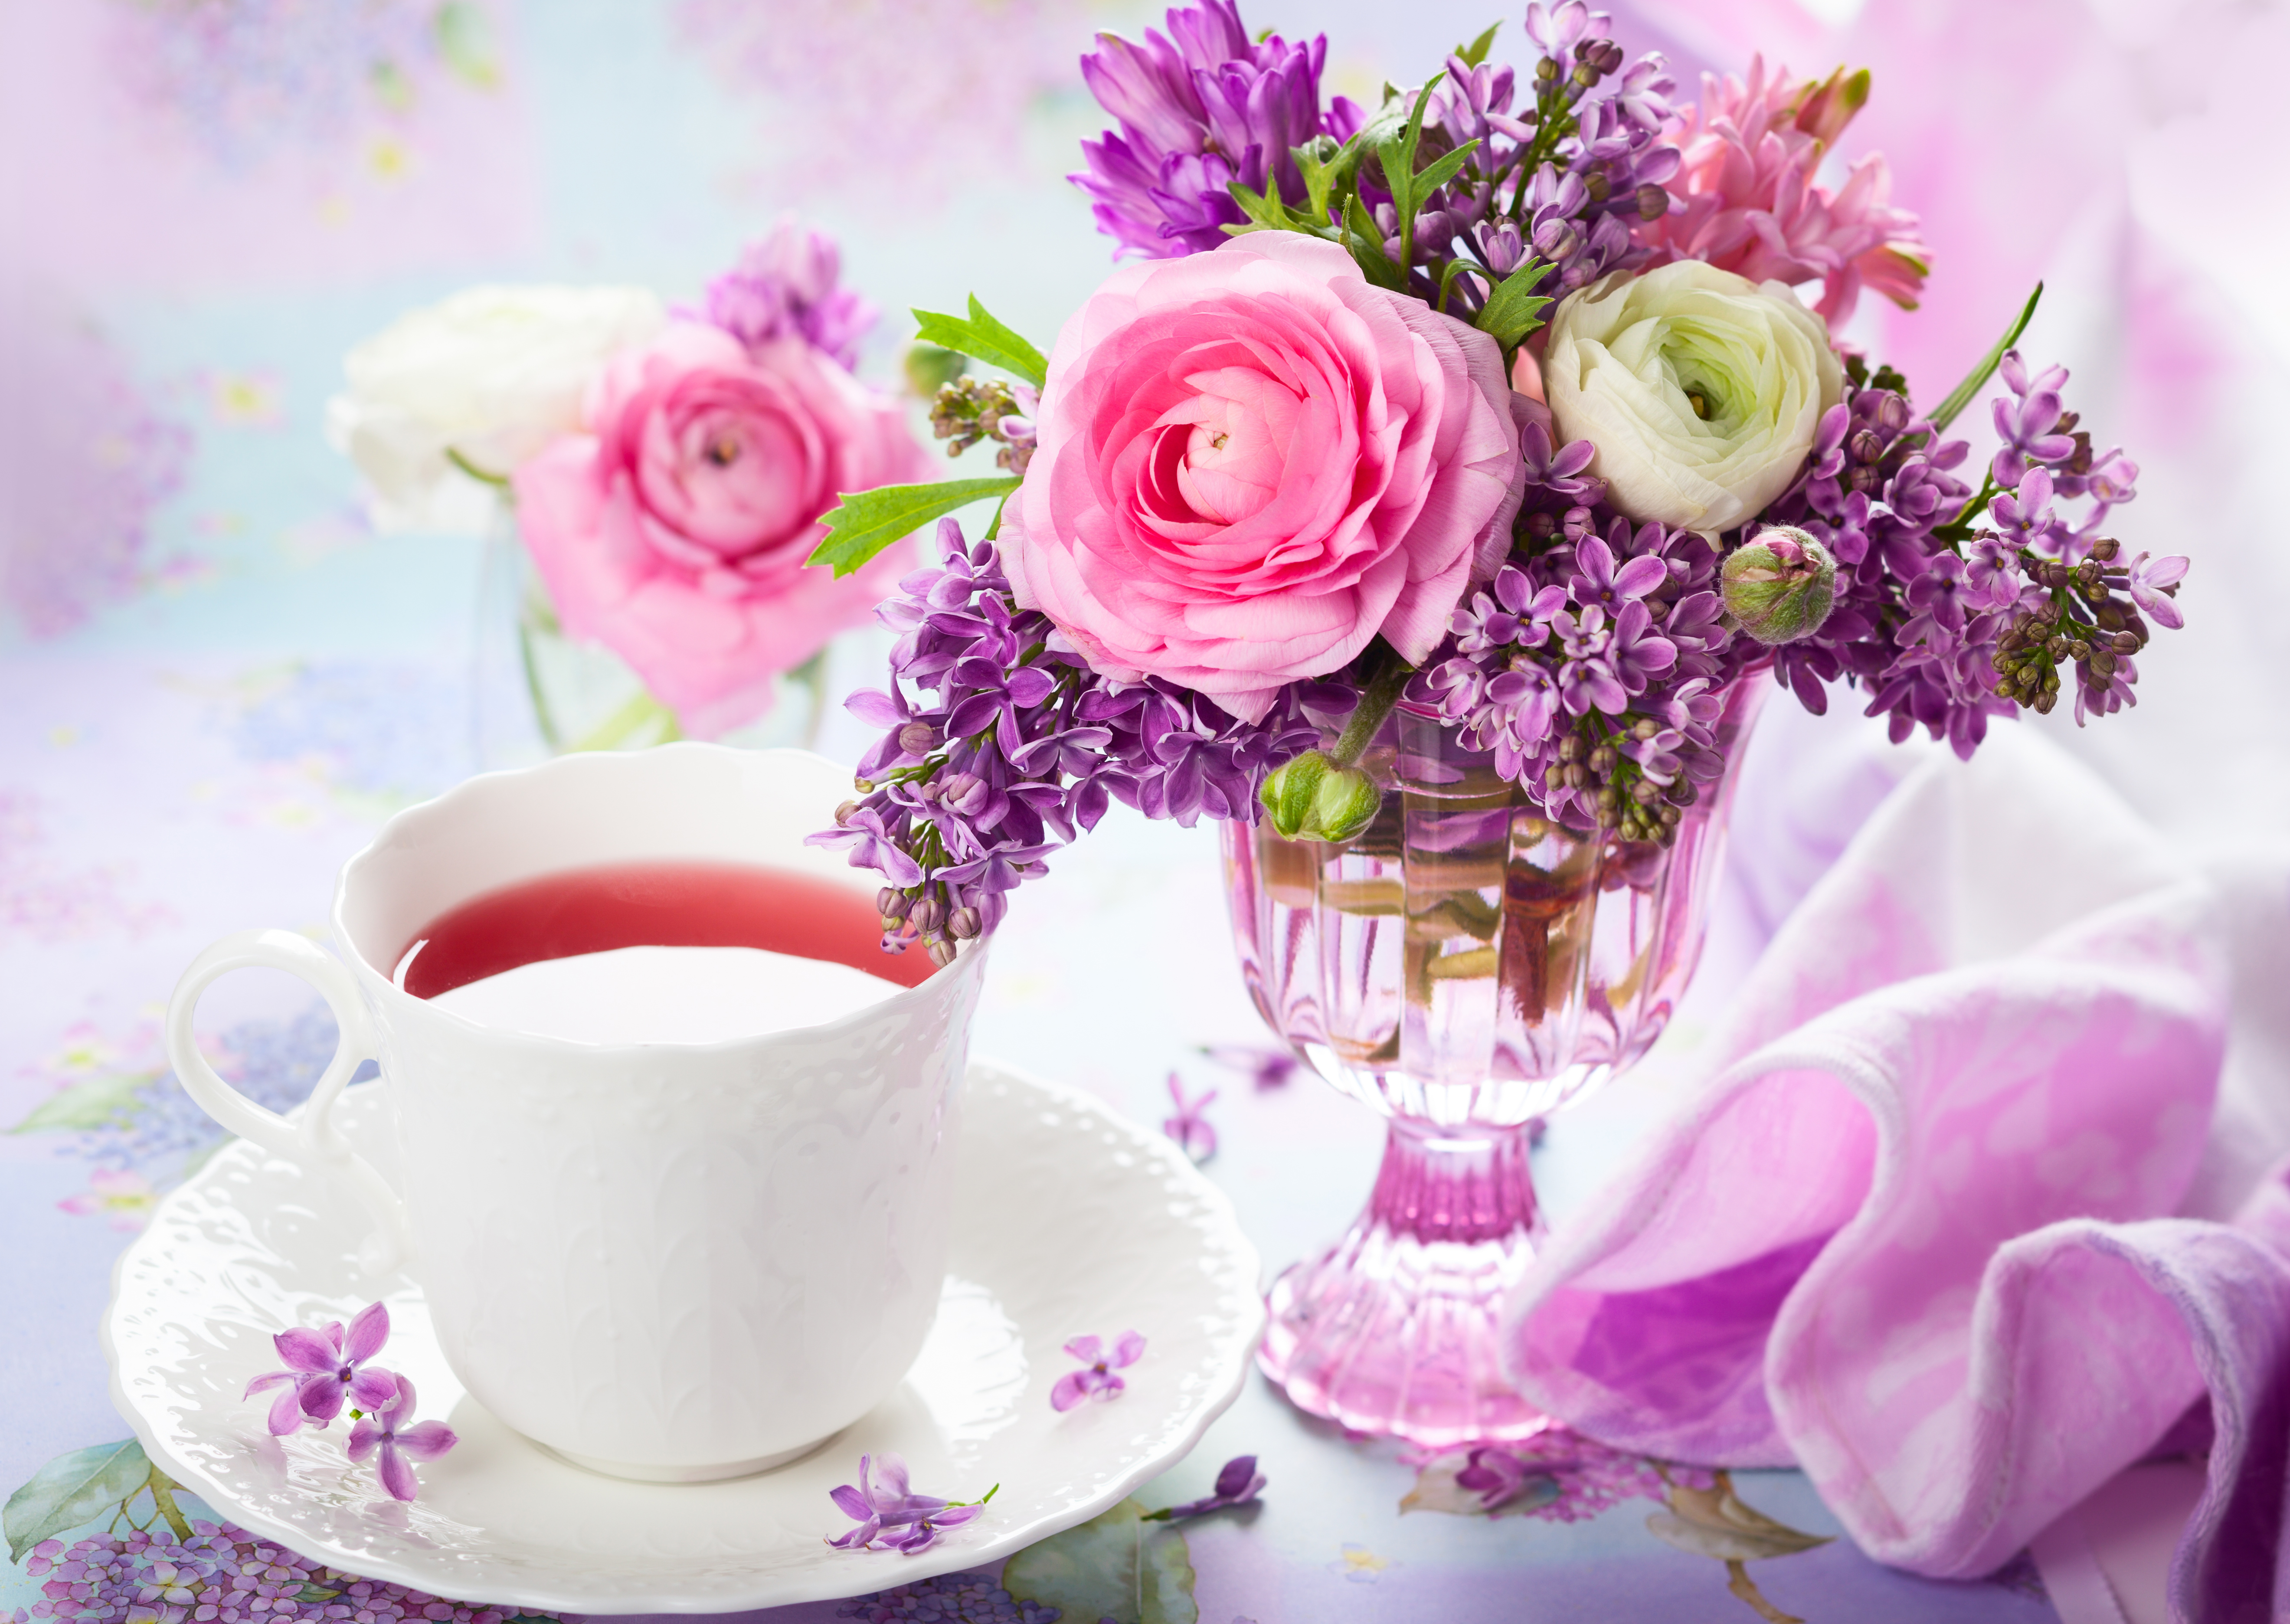 цветы ваза букет посуда flowers vase bouquet dishes  № 1733868 бесплатно